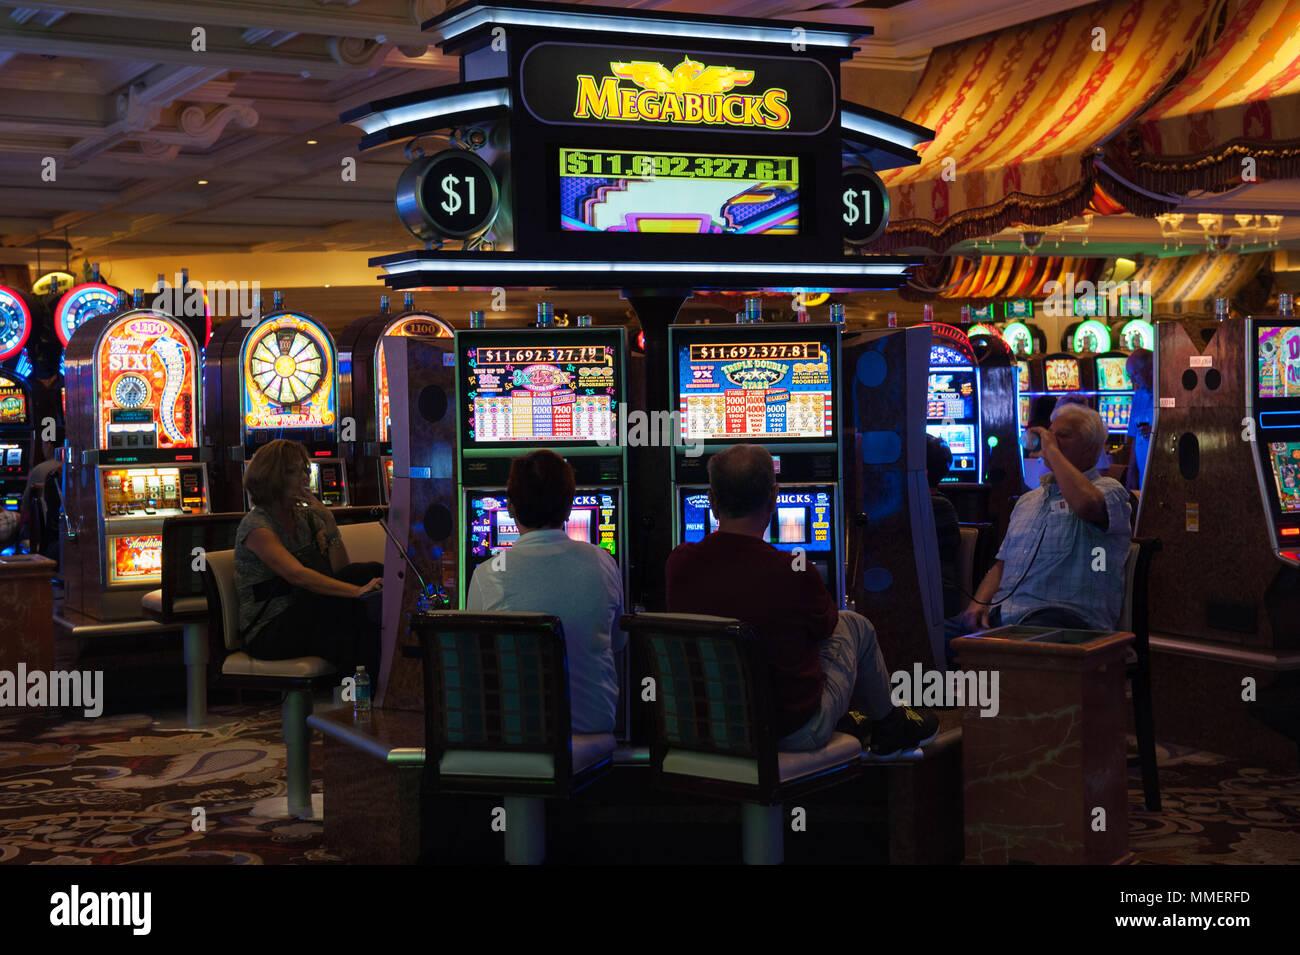 Megabuck slot machines las vegas vegas gambling coupons